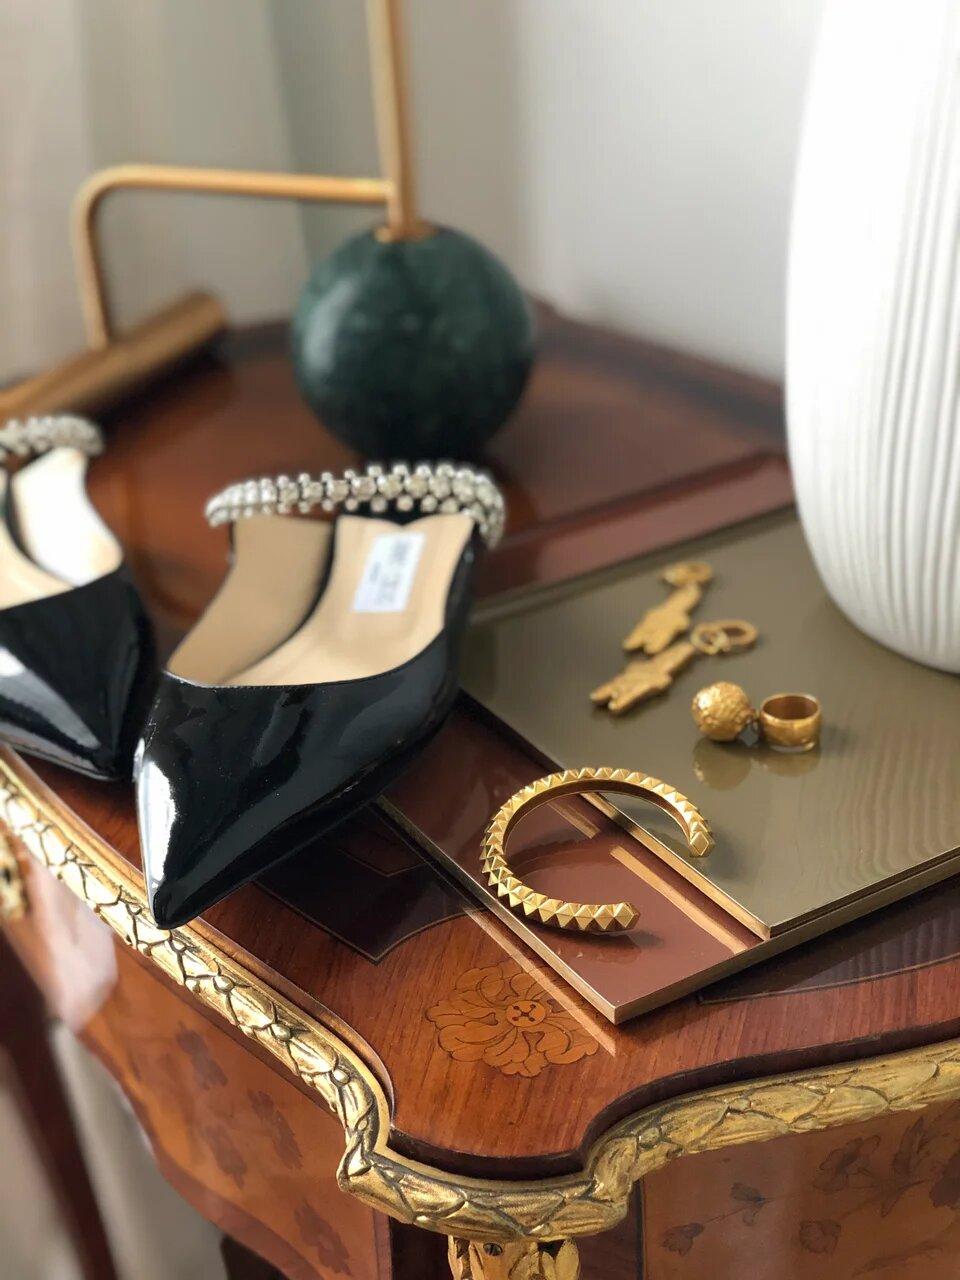 Яркие высказывания. Весомые произведения искусства. Серьги, кольцо, браслет серебро и золото. Крупные креативные украшения.